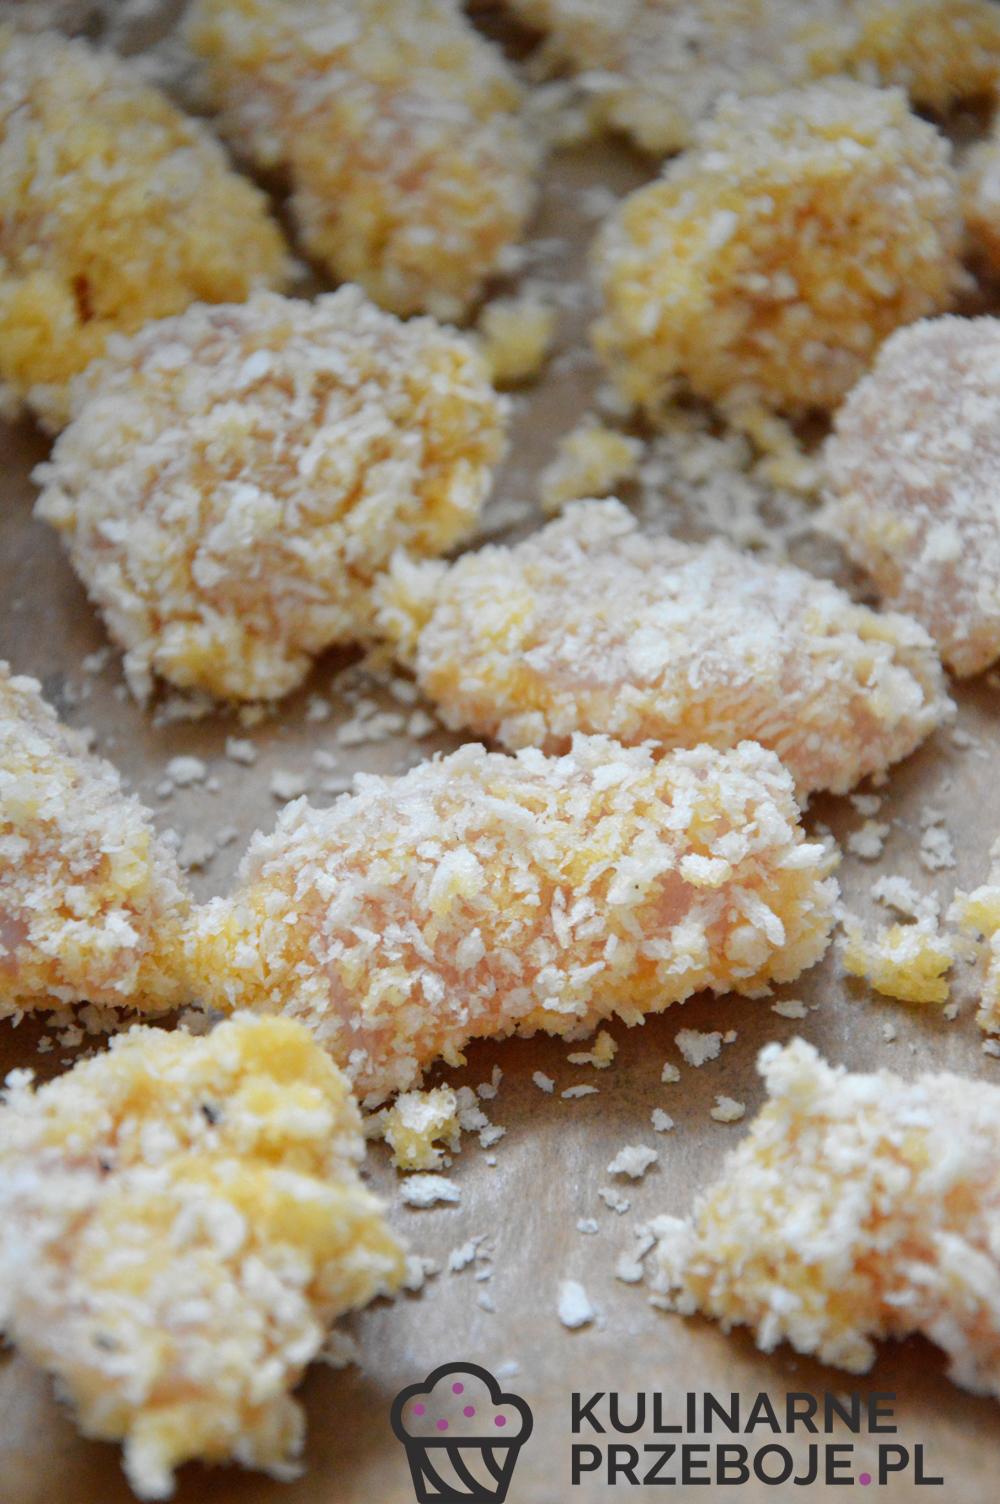 Chrupiący kurczak miodowo-czosnkowy - proces powstawania przekąski